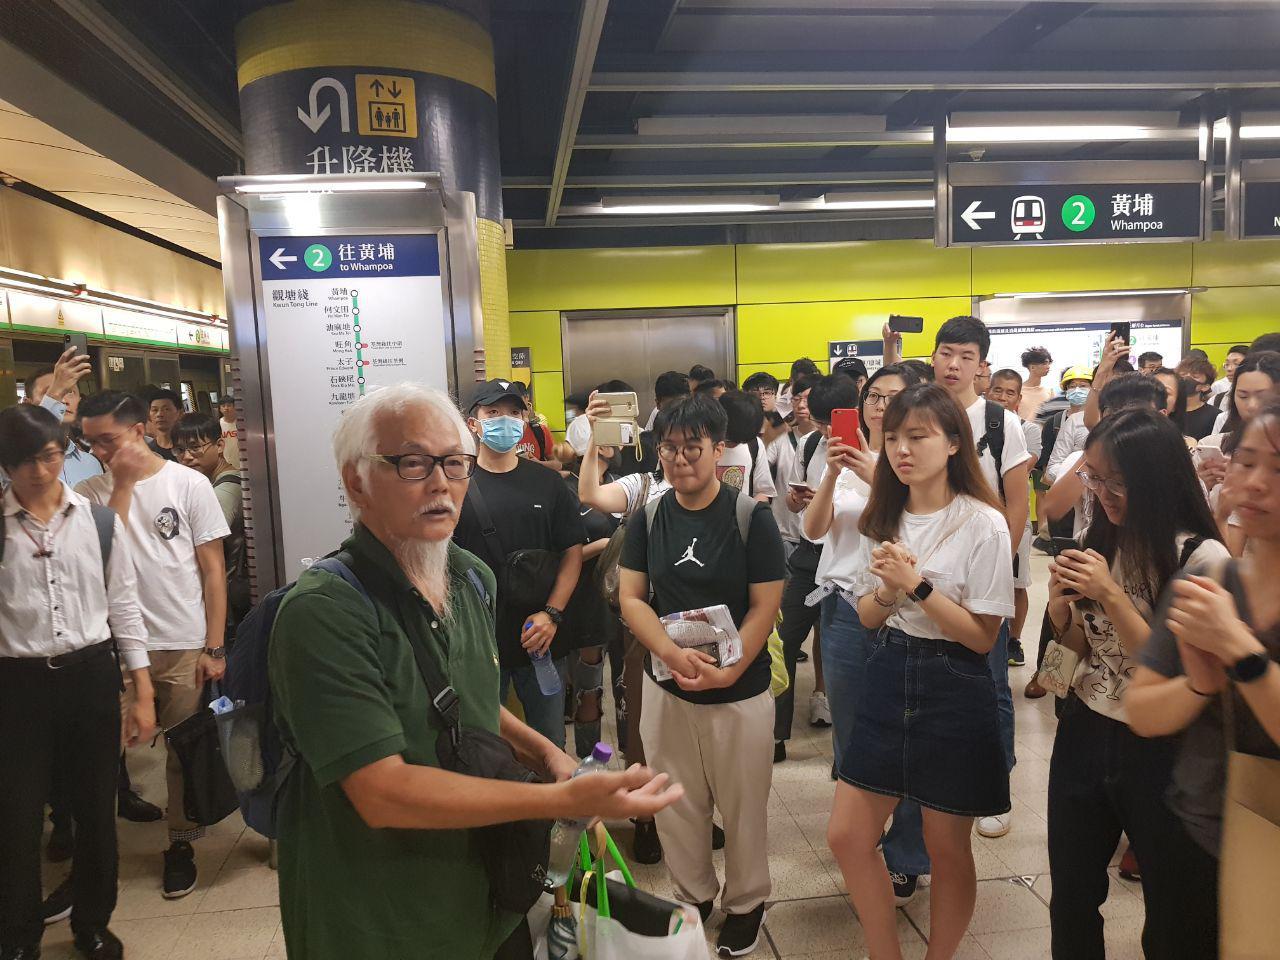 7月30日調景嶺站內有白髮老人挺身為學生說話,指學生所做的是幫助港人爭取自由,籲市民要給予更多的理解。(駱亞/大紀元)